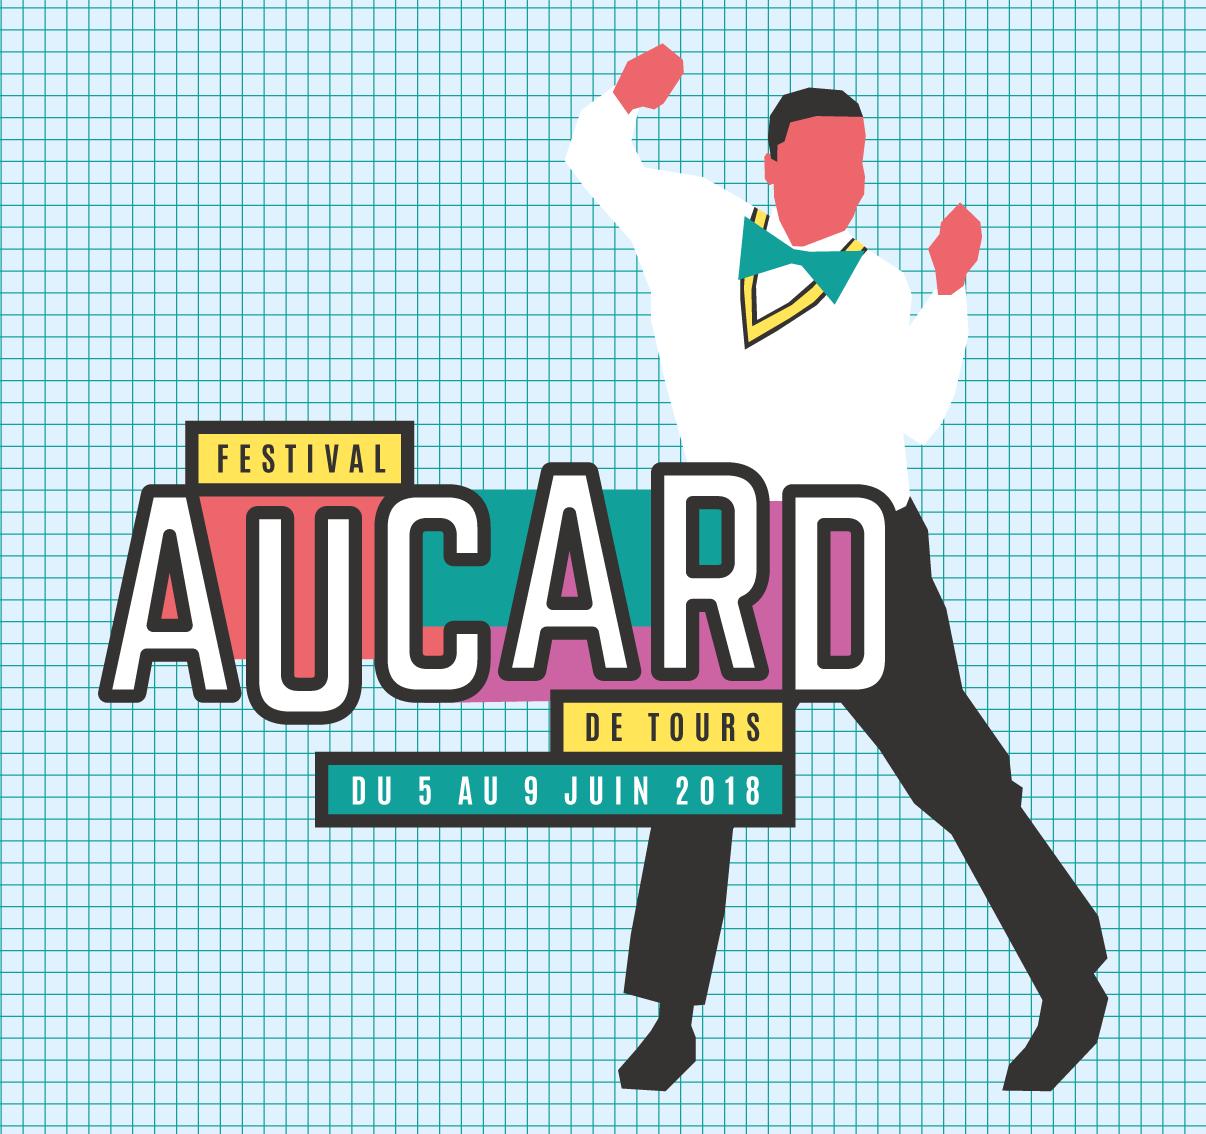 Aucard de Tours – 33ème édition !